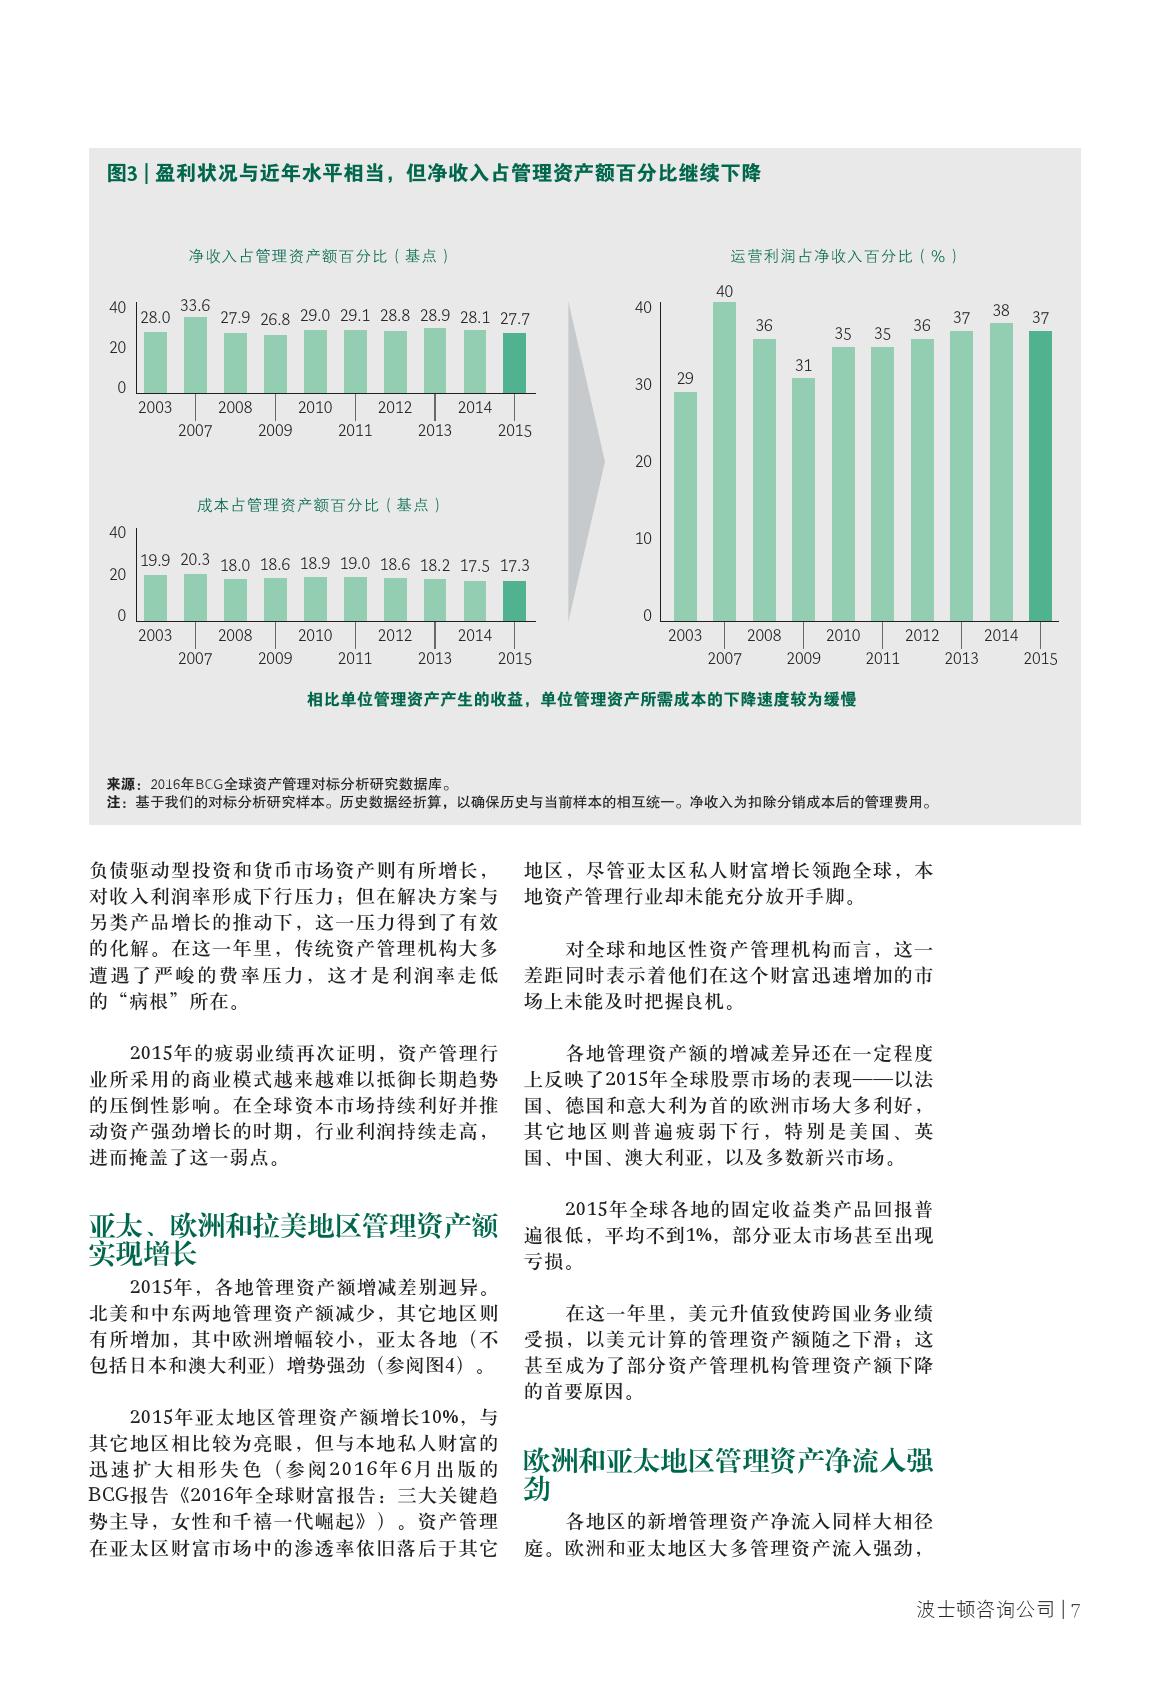 2016全球金融市场及资产管理报告_000009